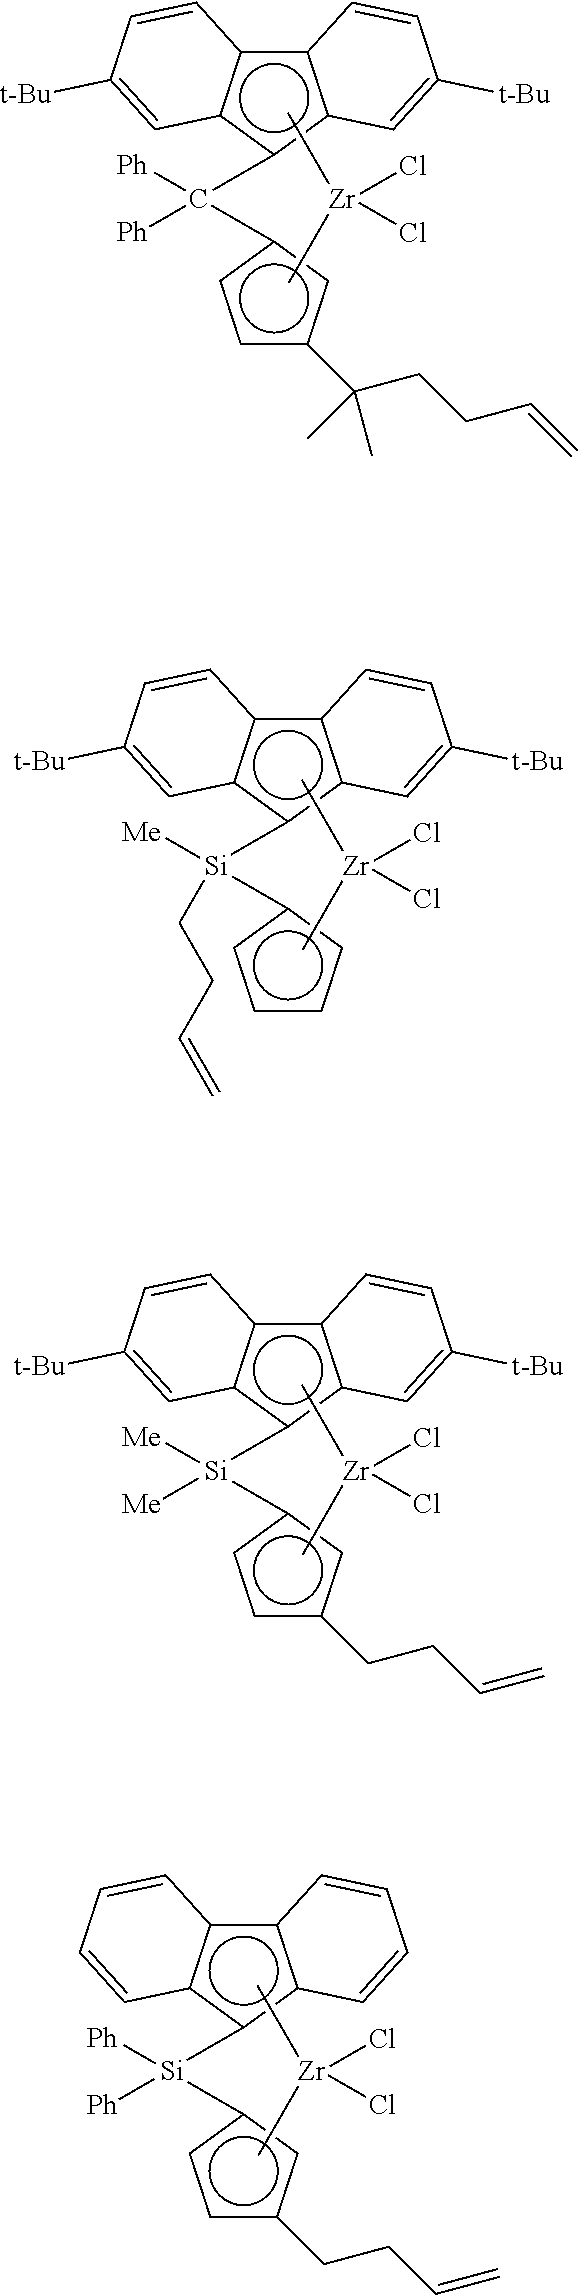 Figure US09574031-20170221-C00010